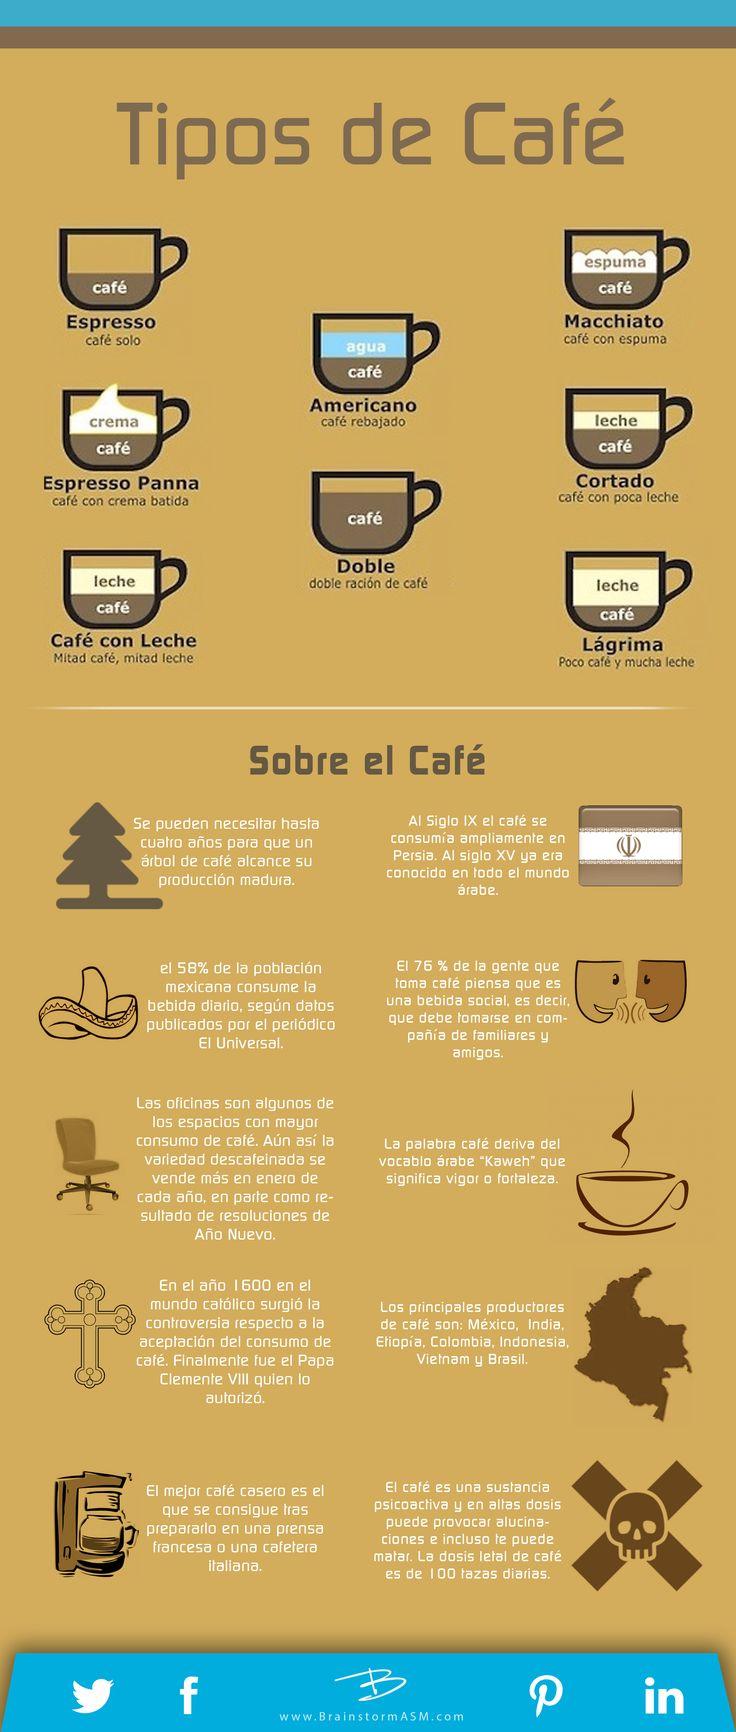 Tipos de Café.  #CaféconHistoria